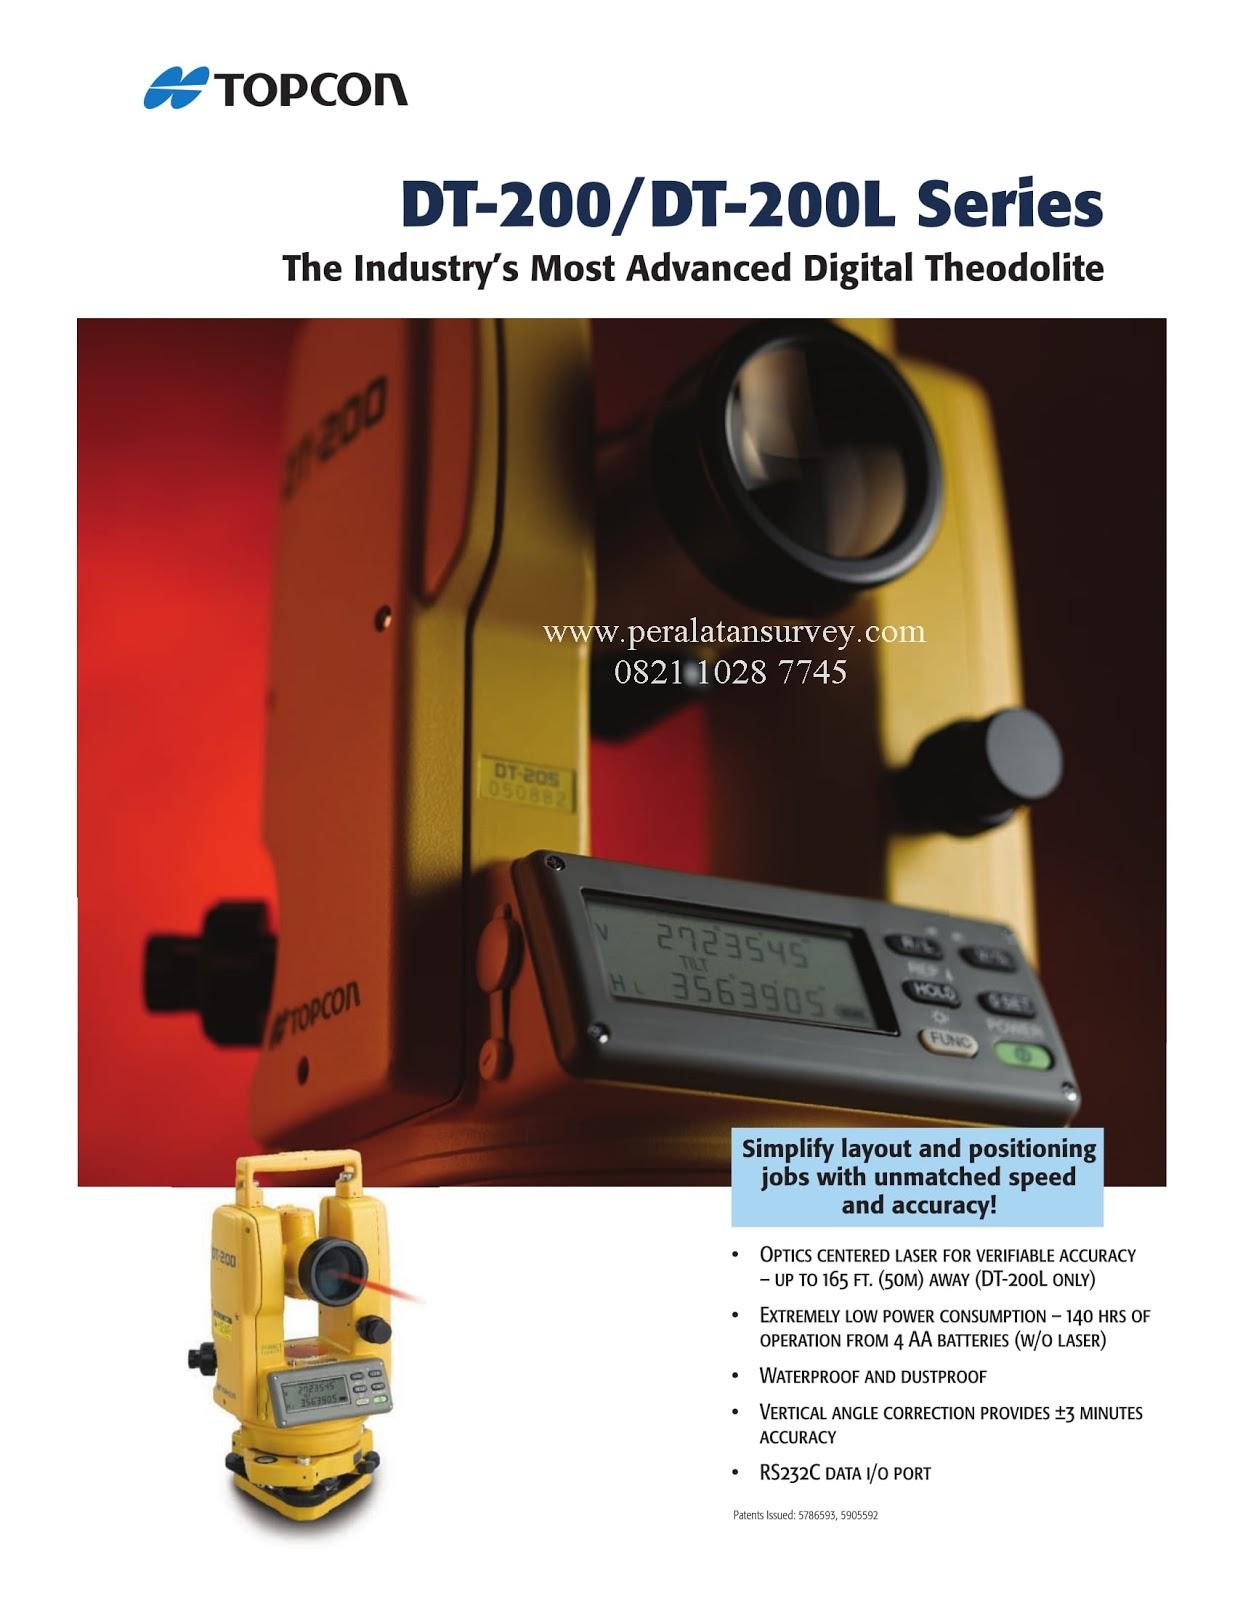 Brosur Digital Theodolite Topcon DT 200 Series